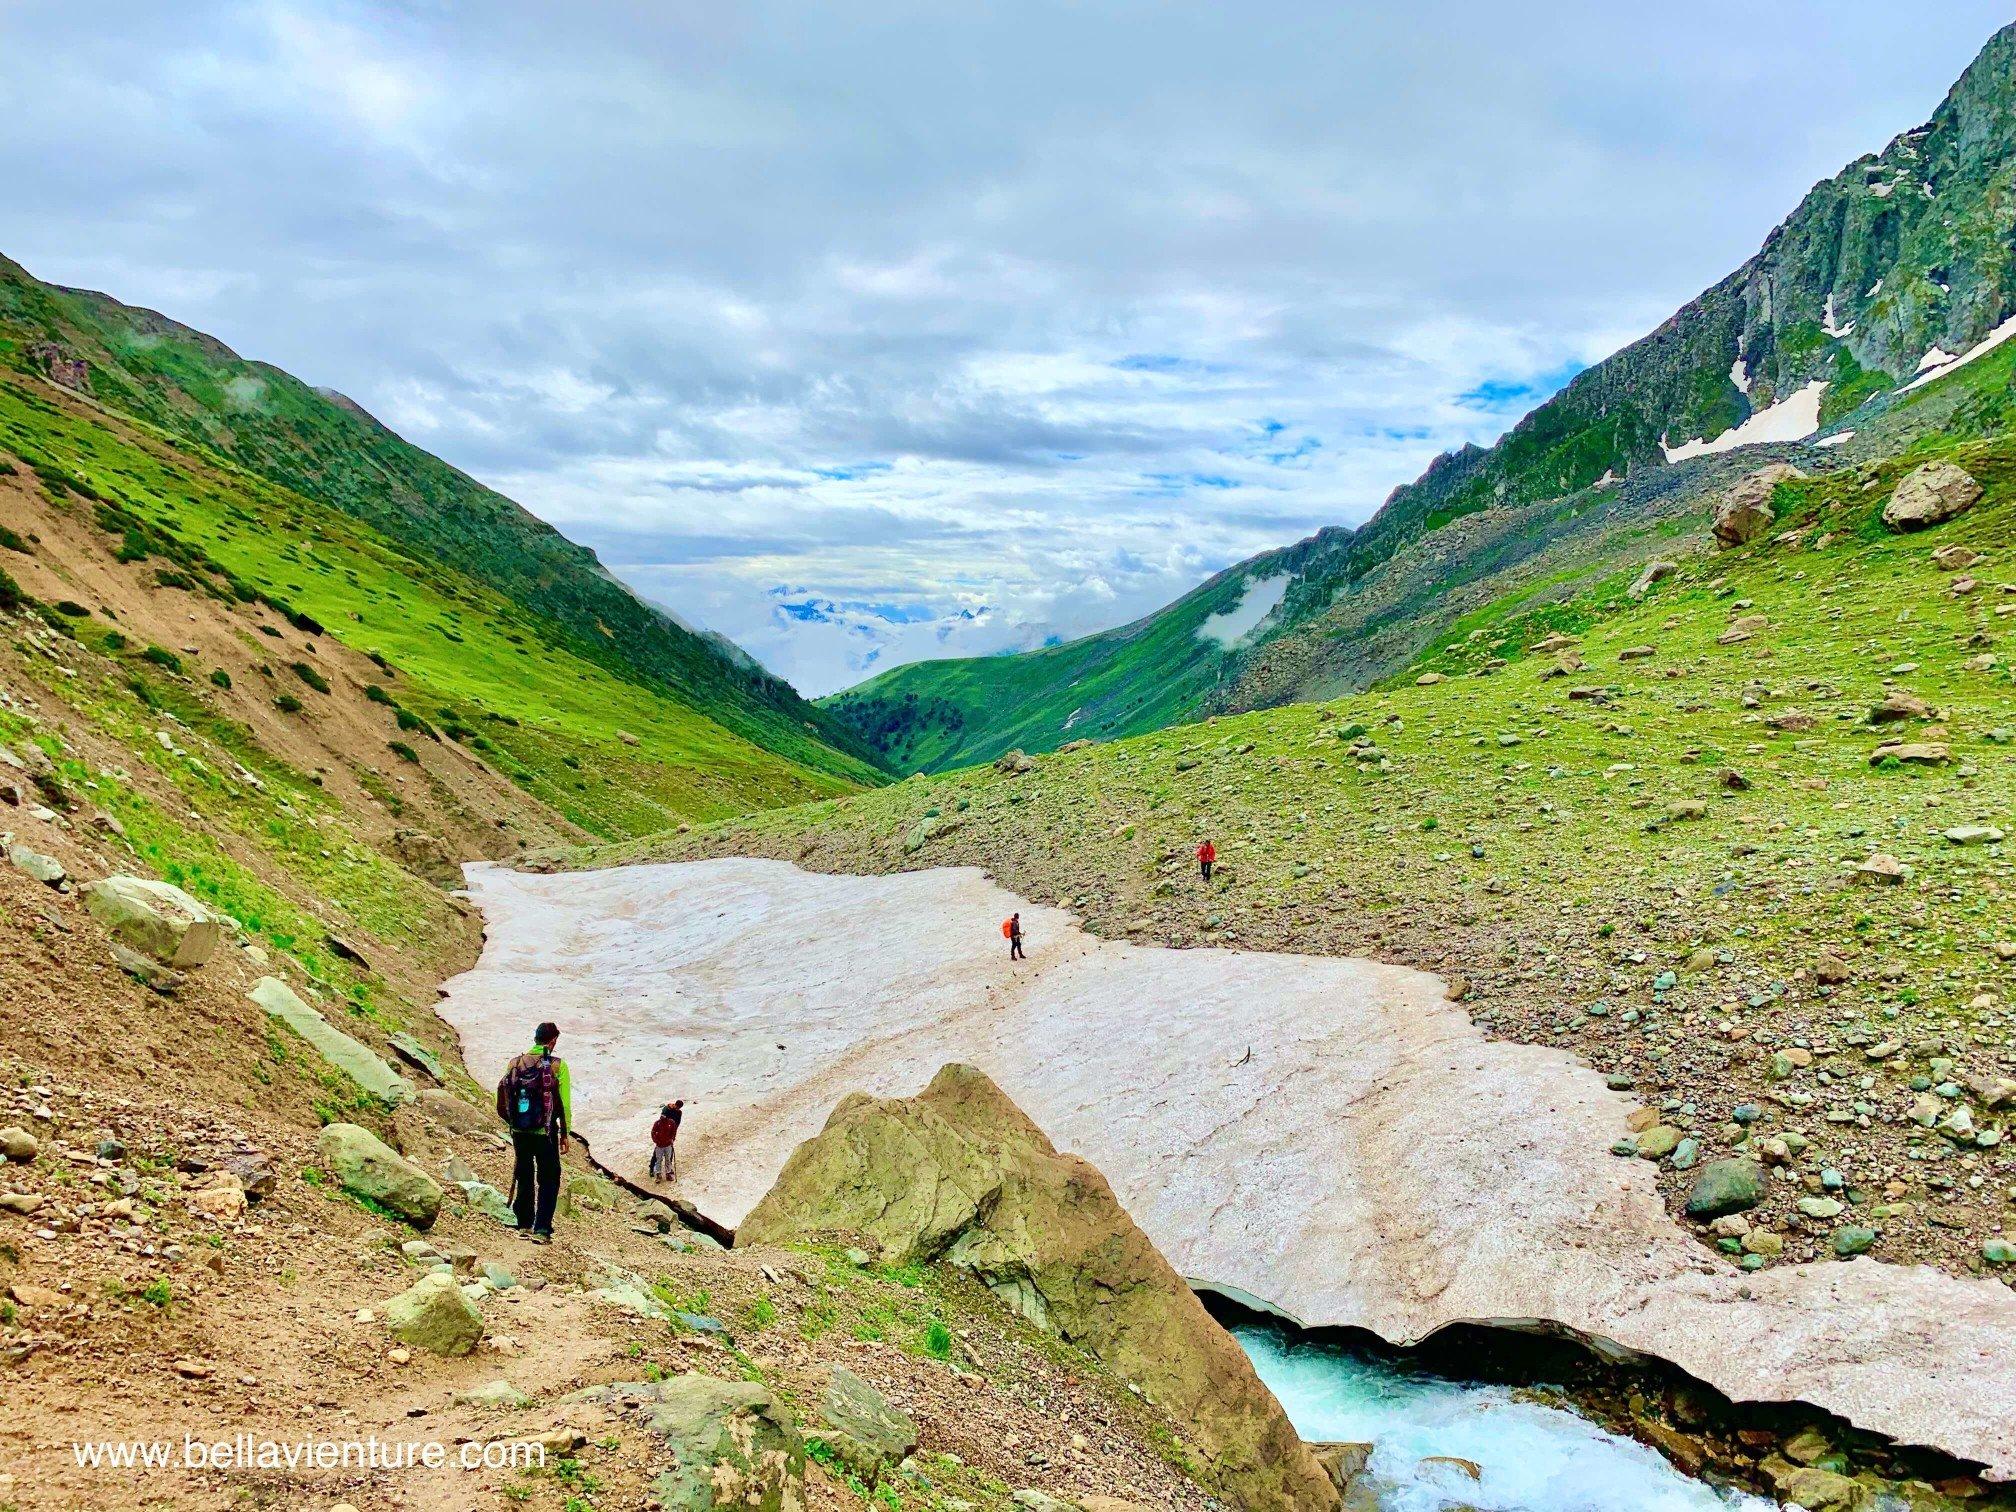 印度 India  喀什米爾 Kashmir  北北印 North India 八天七夜健行 冰河